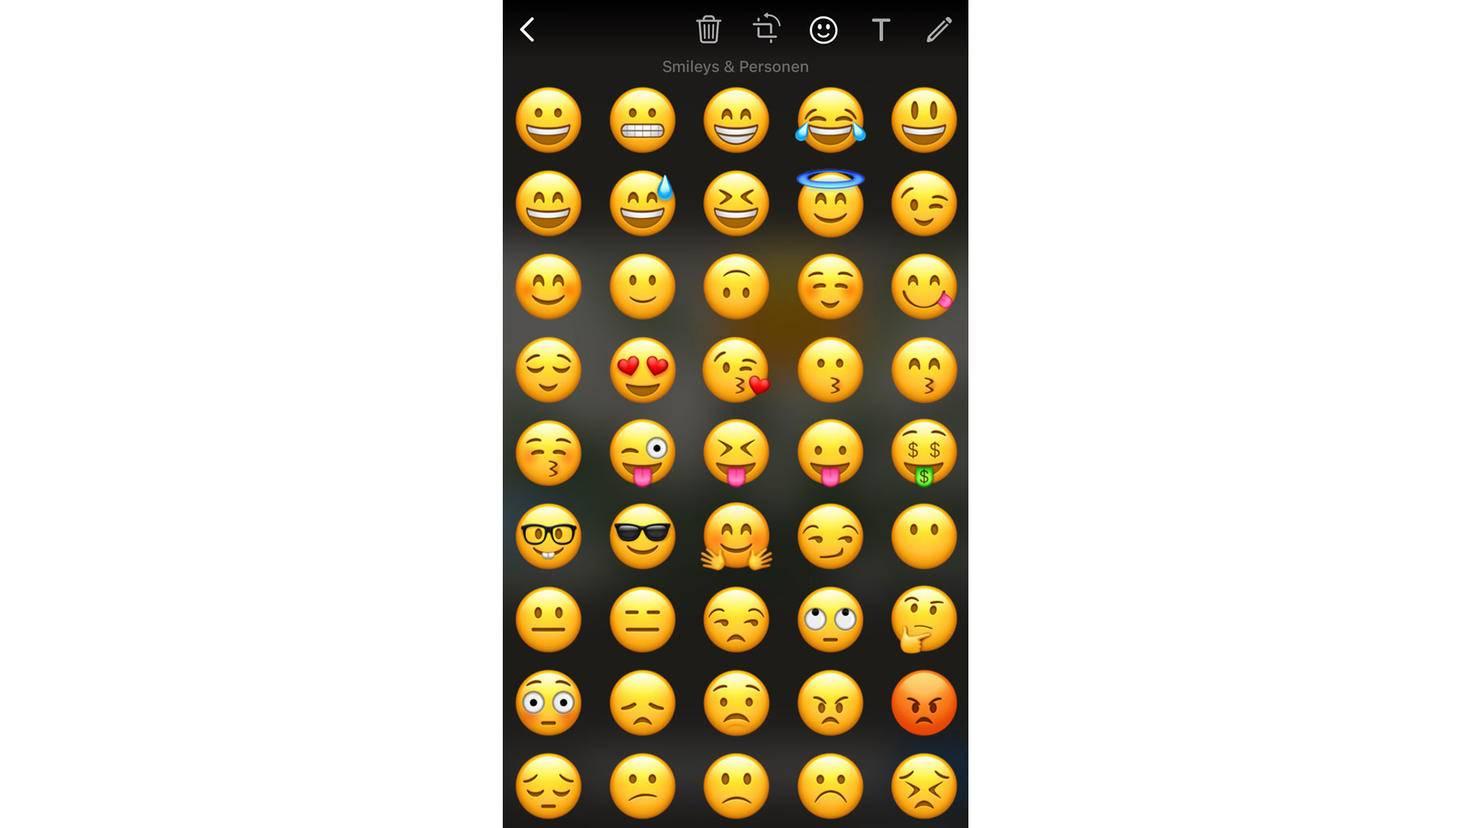 Zur Auflockerung stehen dutzende Emojis zur Wahl.